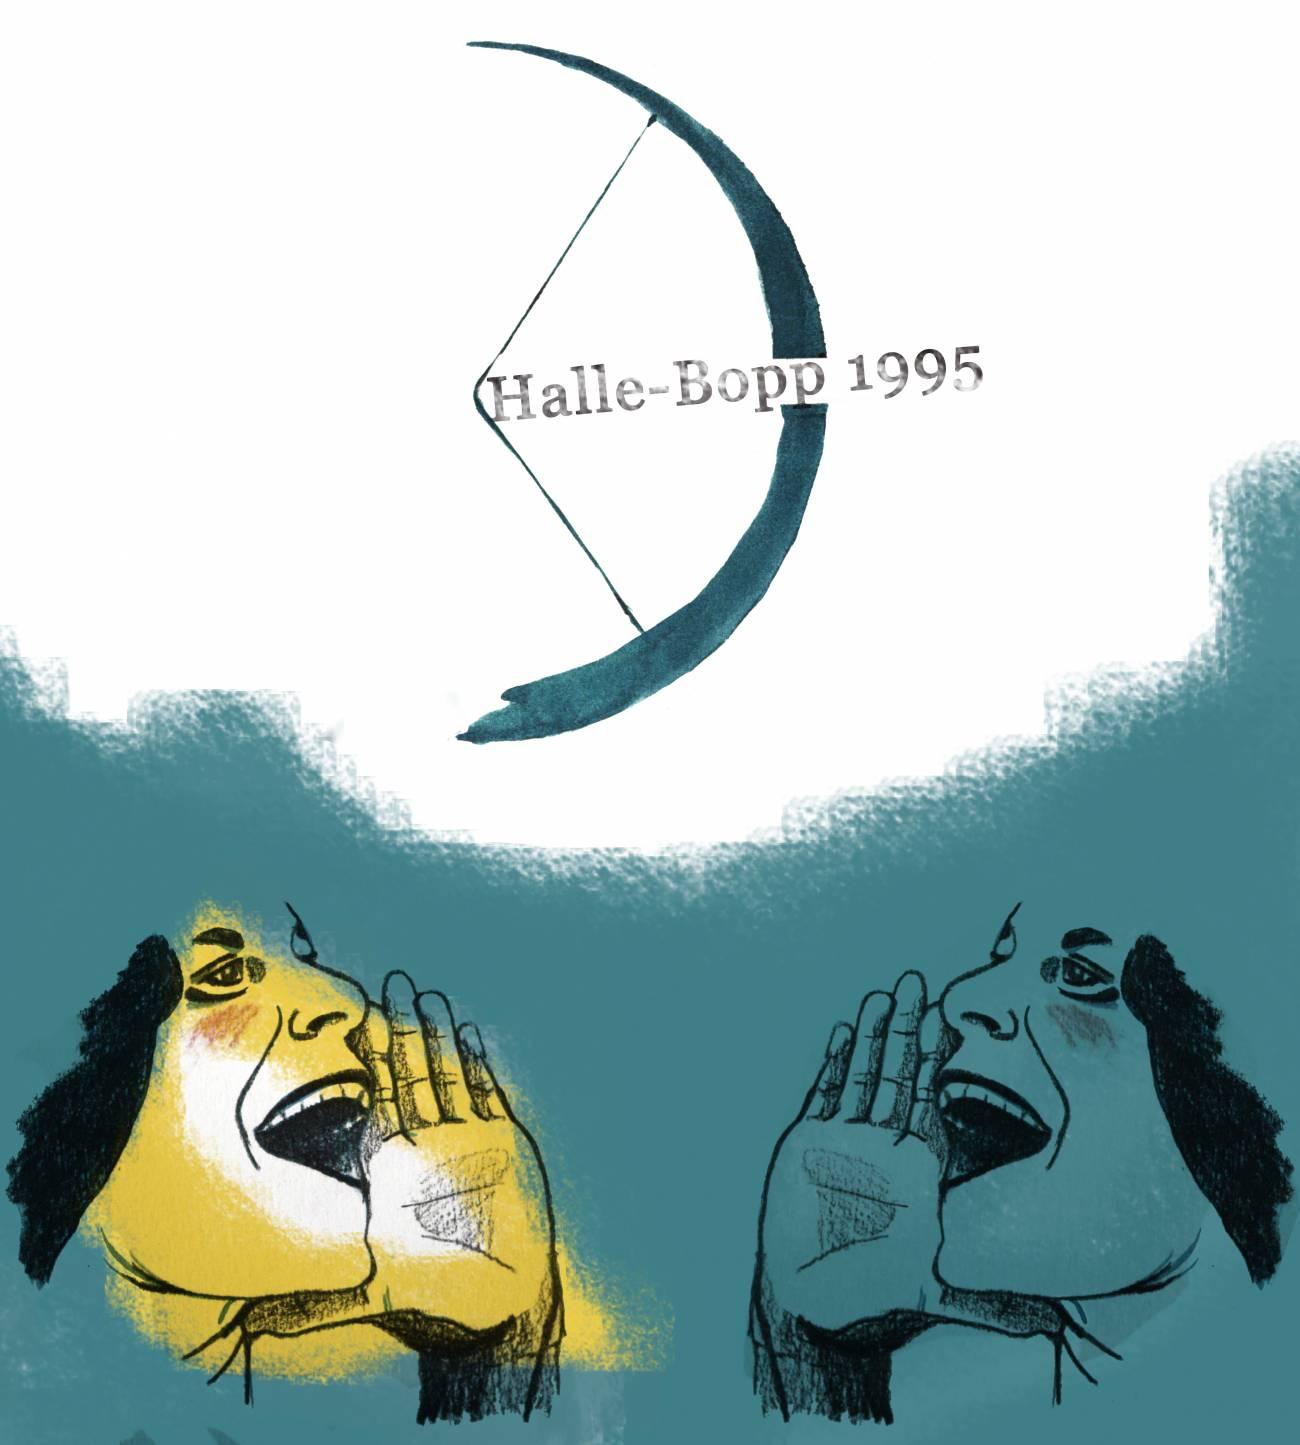 El 23 de julio de 1995 Alan Hale y Thomas Bopp descubrían el cometa Hale-Bopp: El Gran Cometa de 1997